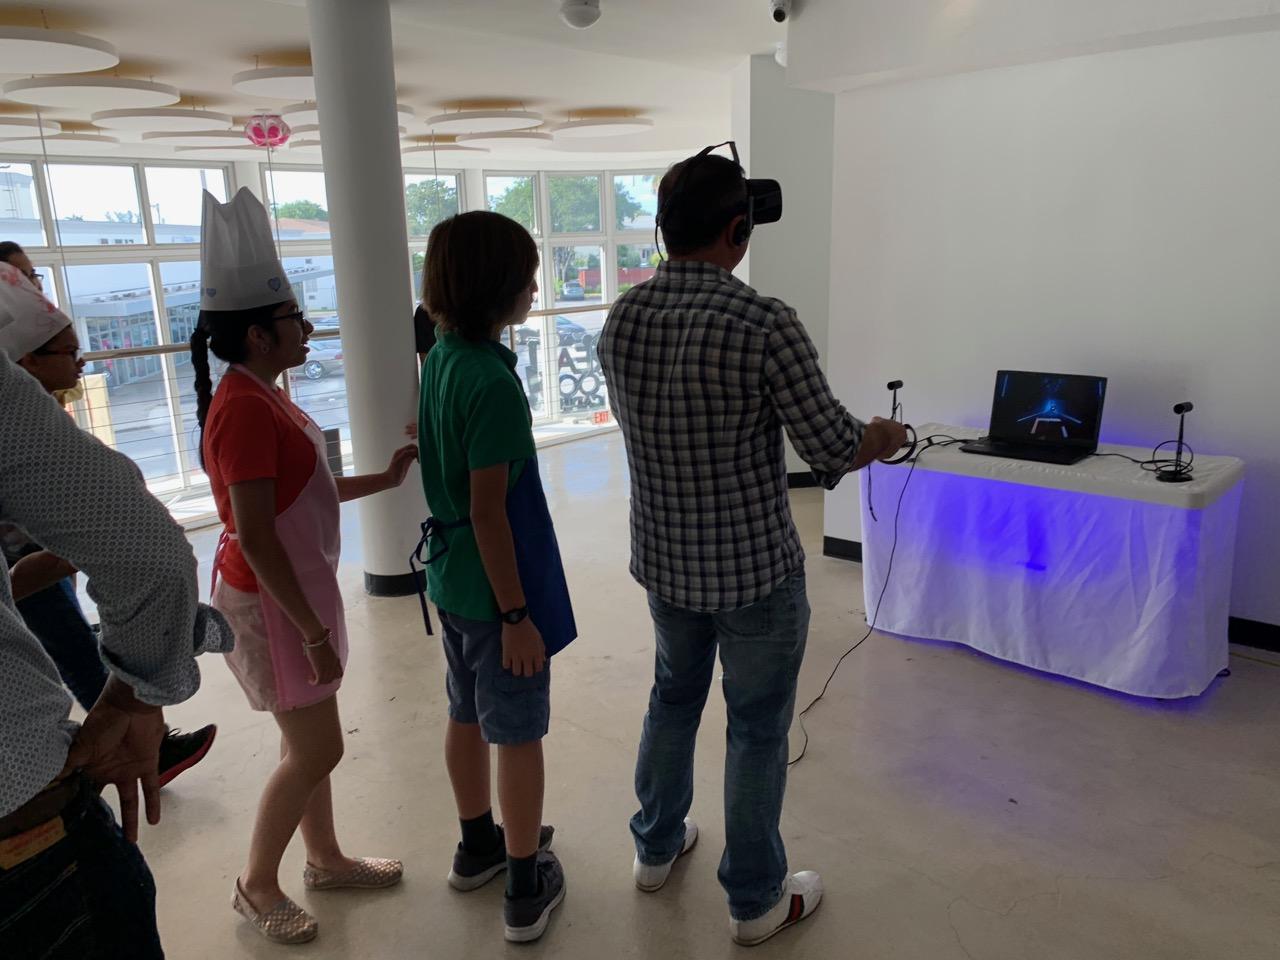 Virtual Reality Rentals Florida - Corpor